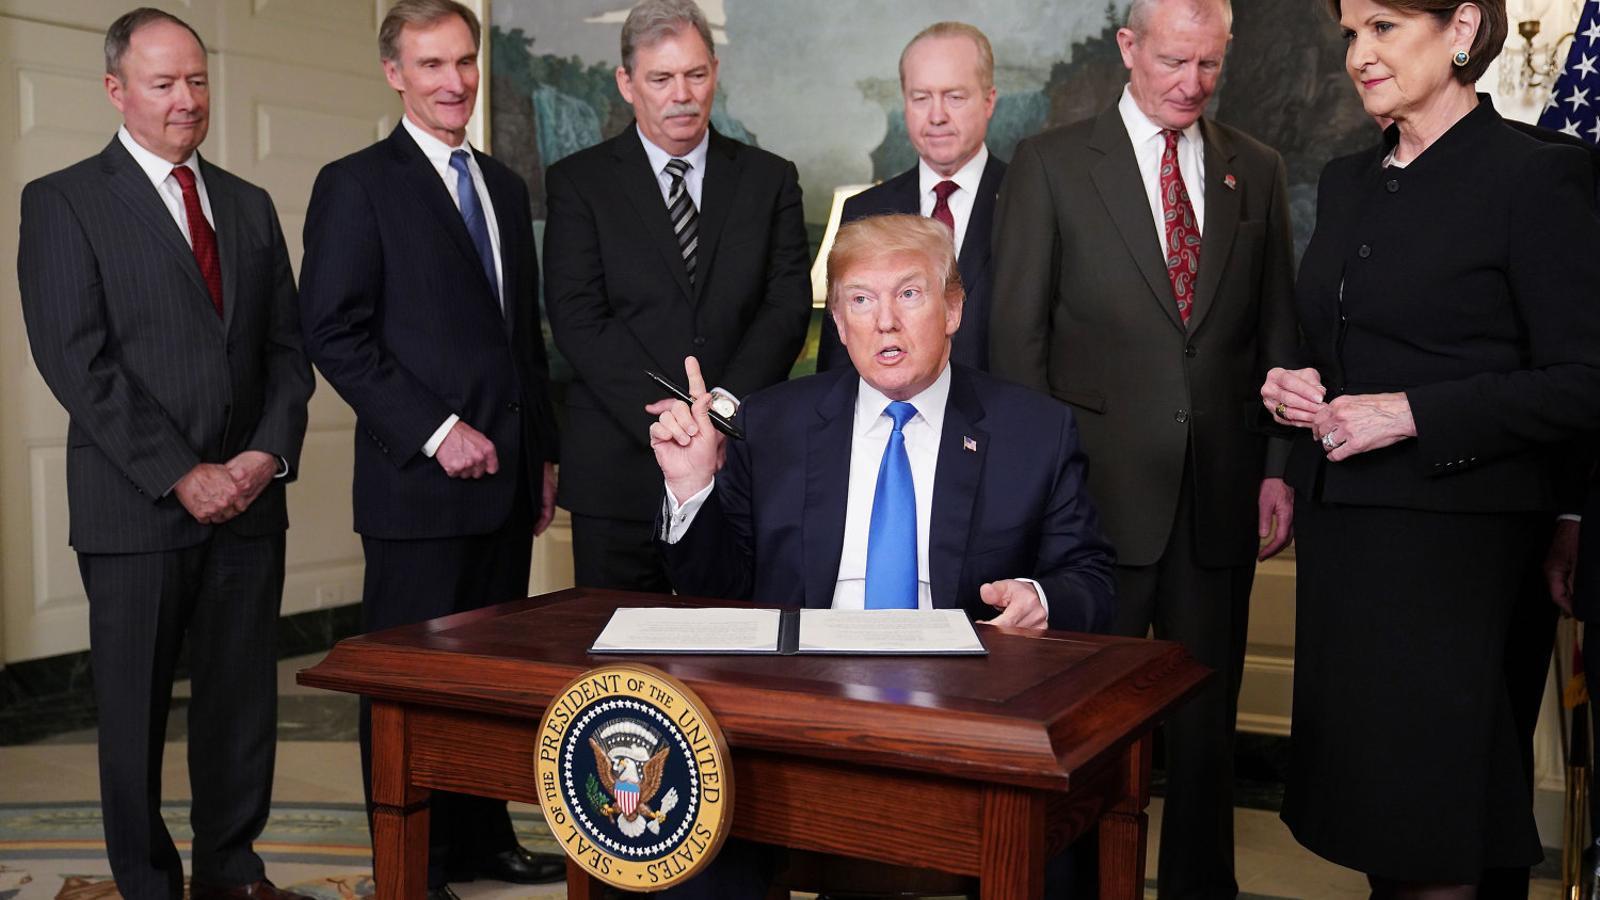 El president Trump signant les noves taxes que s'aplicaran als productes xinesos, ahir a la sala de recepció diplomàtica de la Casa Blanca.